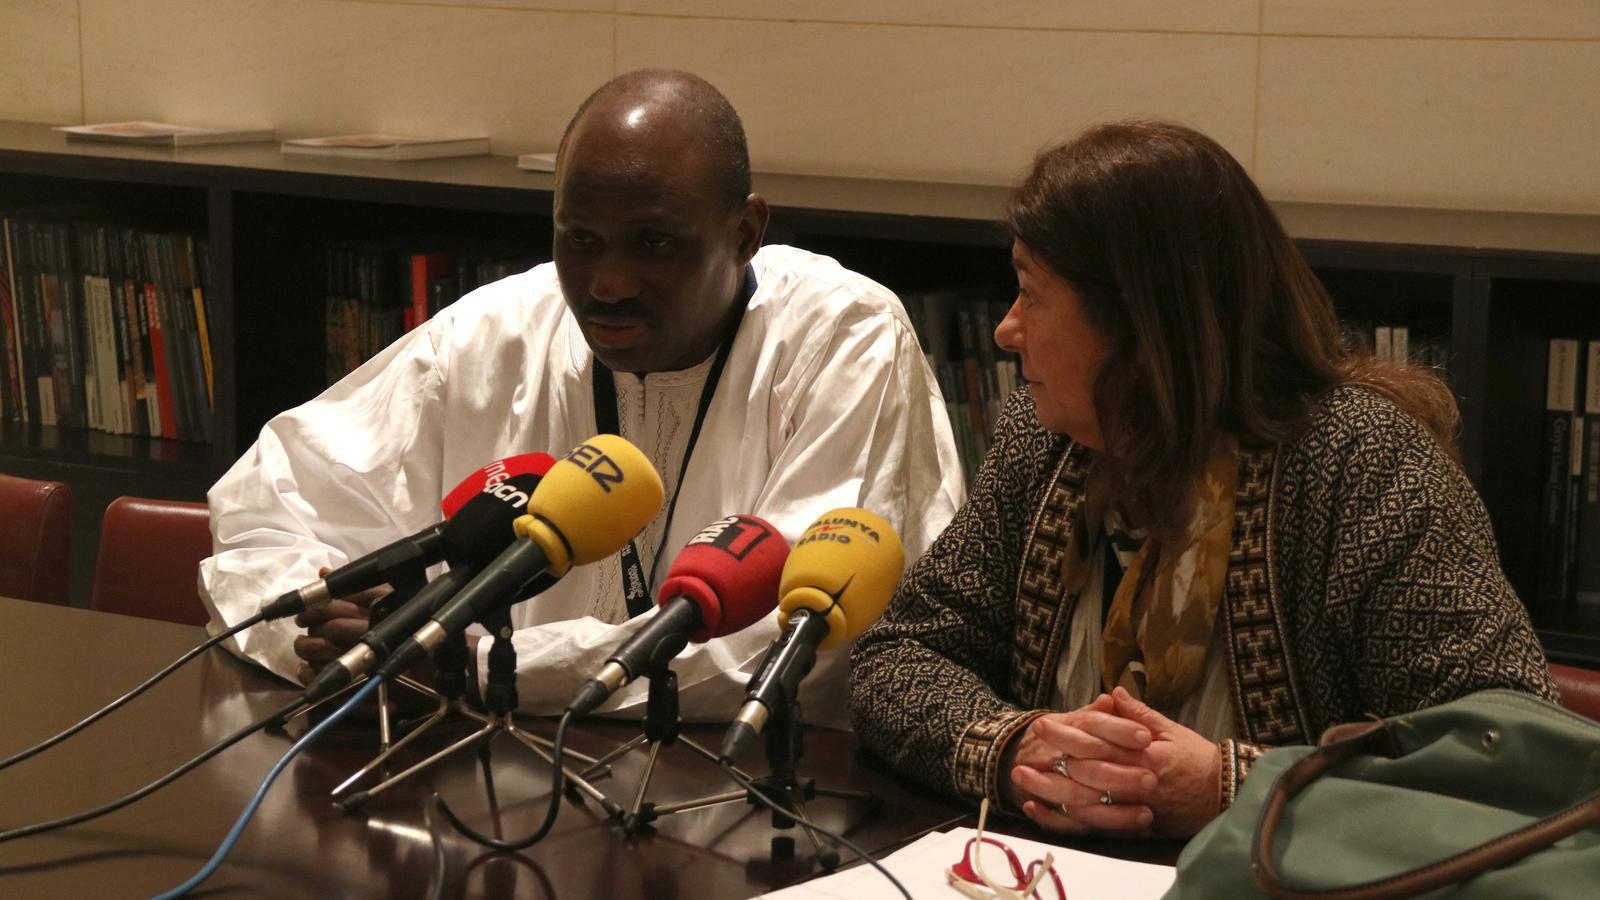 Adriana Kaplan escolta Ousman Sillah, diputat gambià que forma part de la comissió contra l'MGF